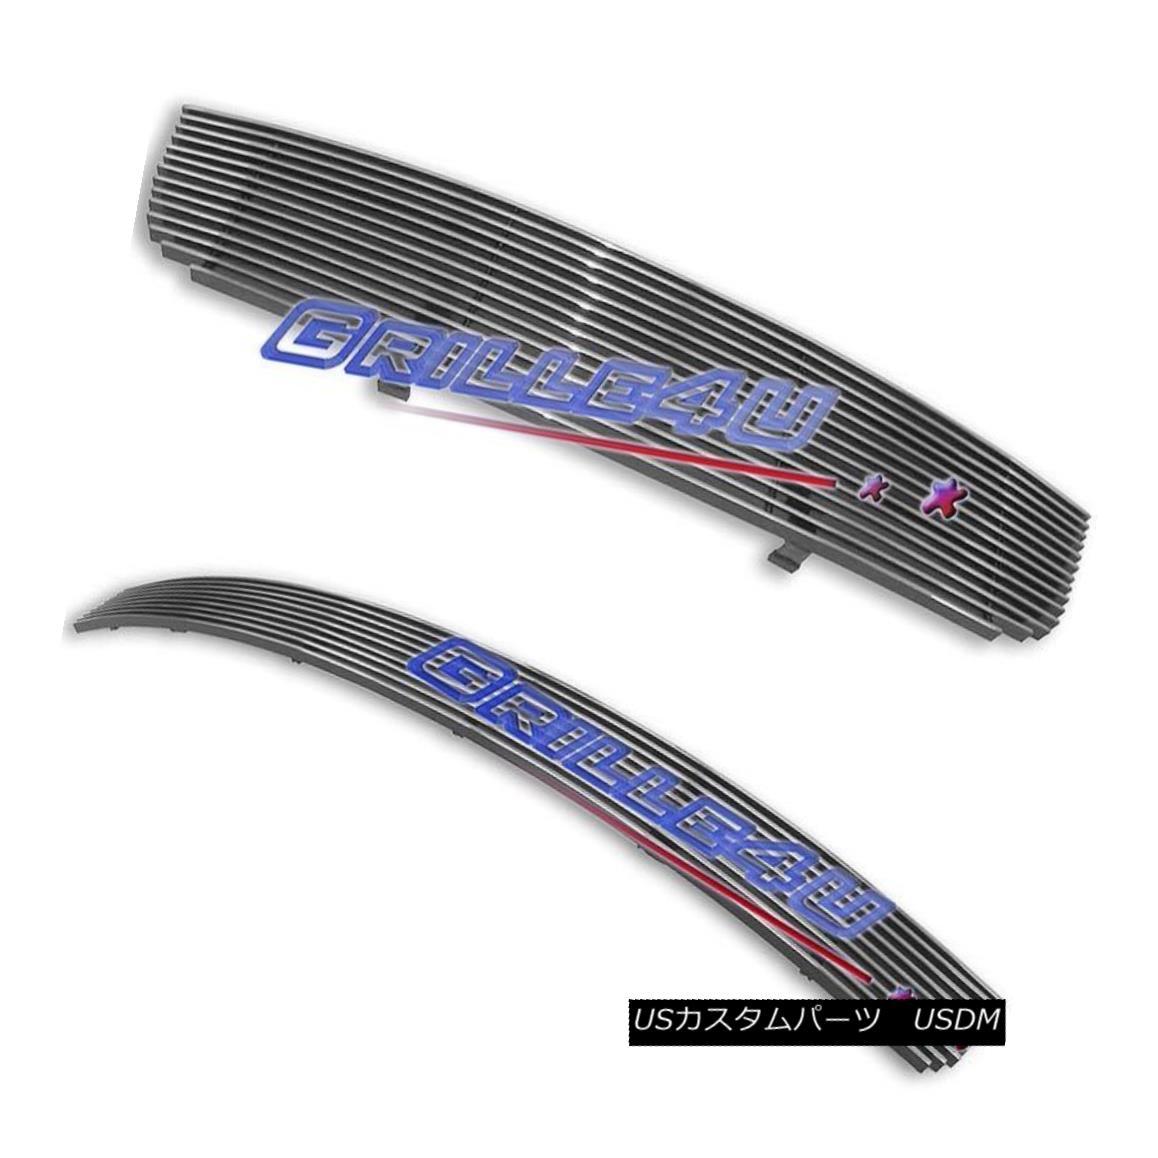 グリル Customized For 04-06 Nissan Sentra Billet Premium Grille Combo Insert 日産セントラビレットプレミアムグリルコンボインサート